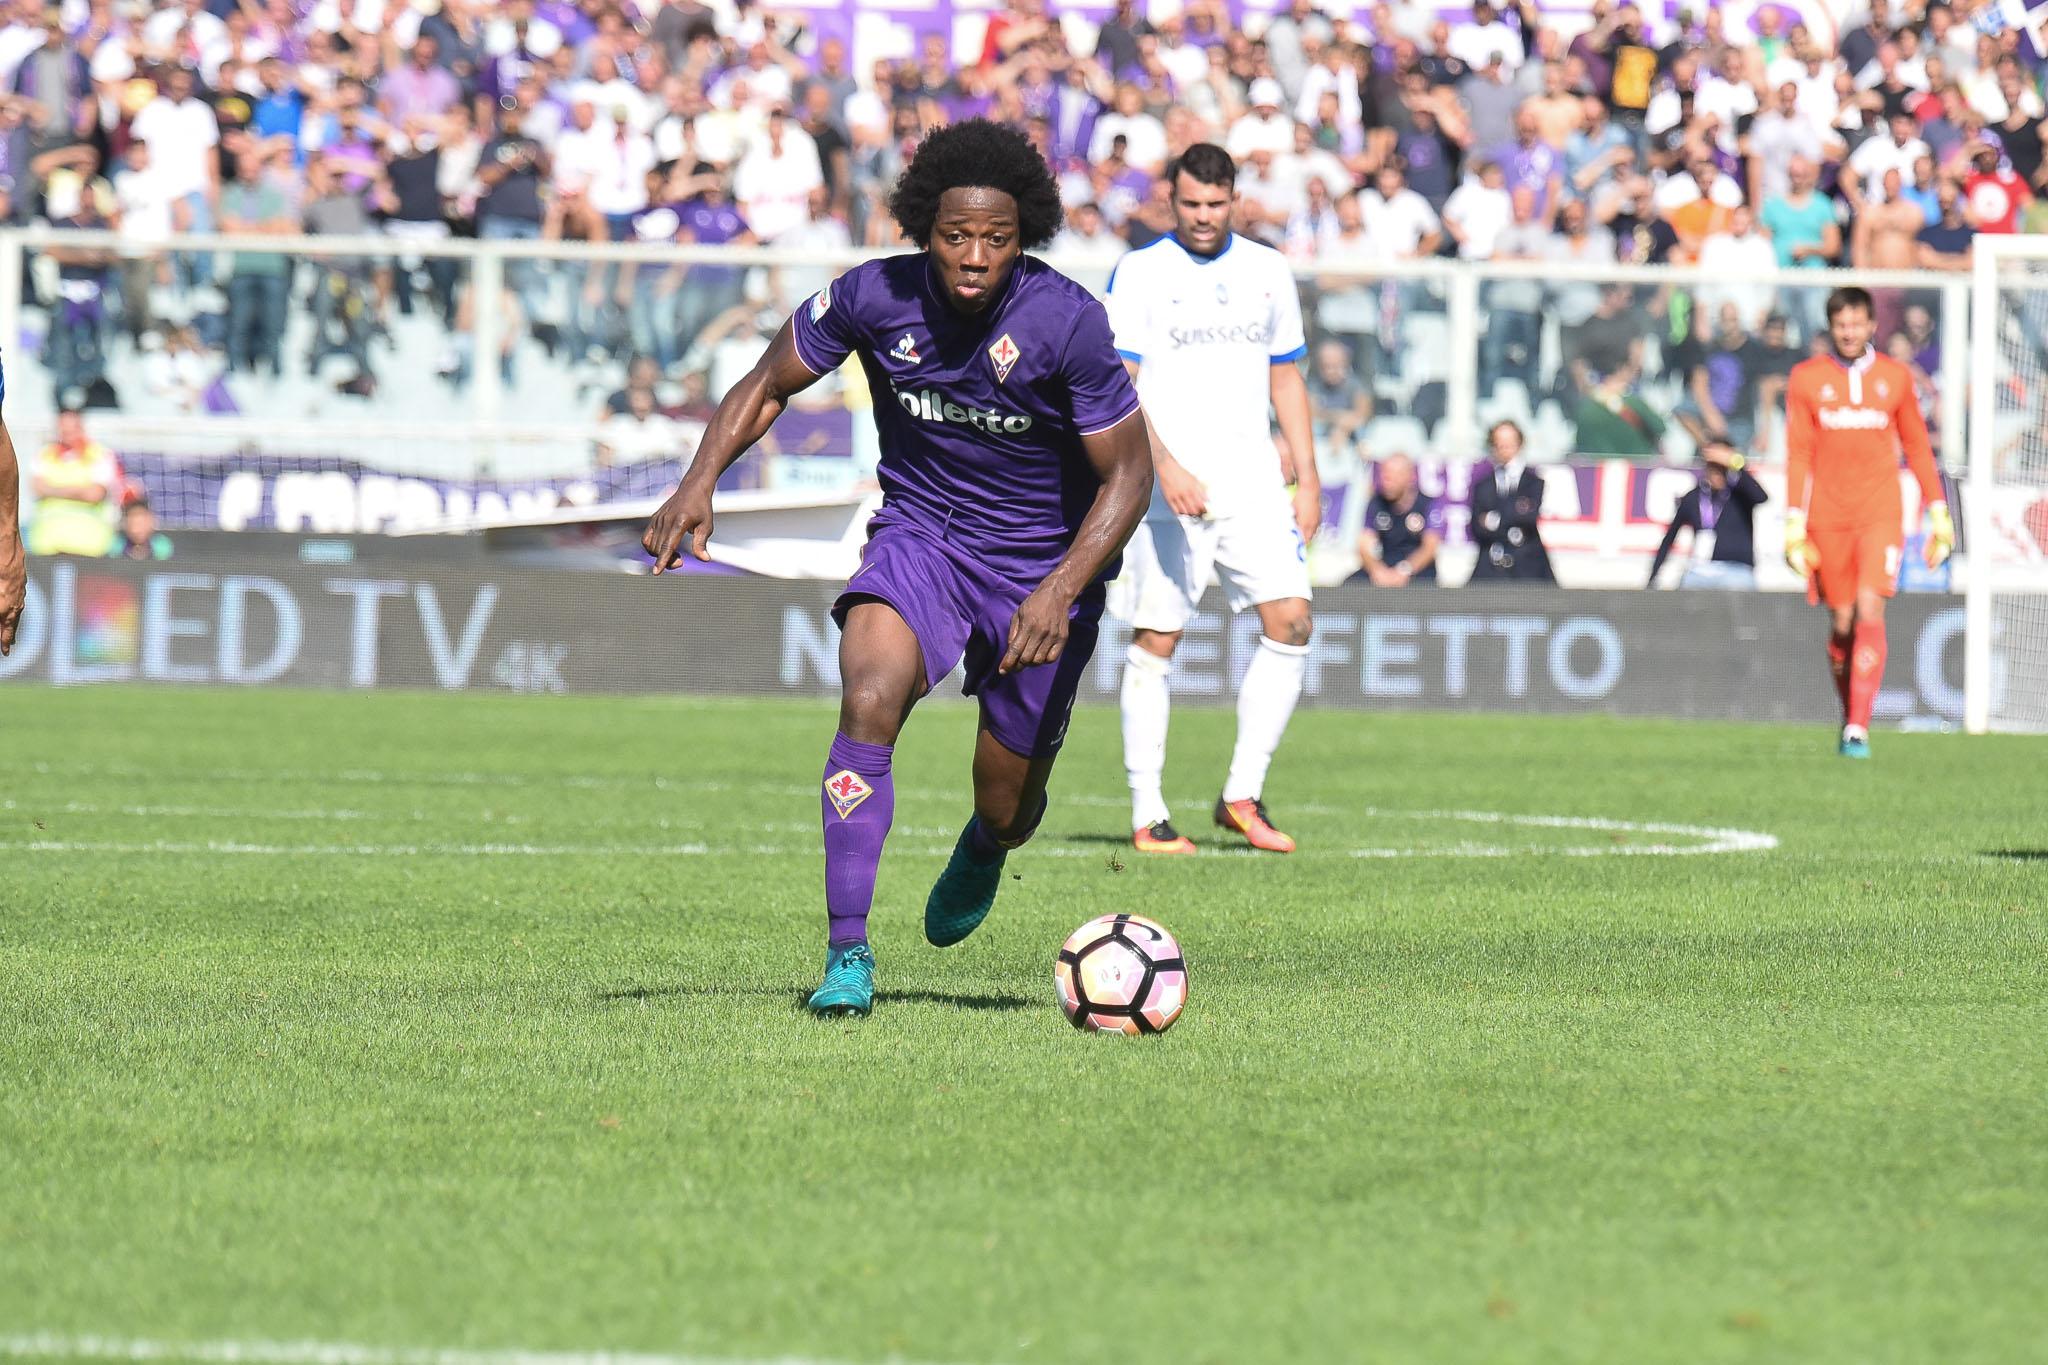 Sanchez non ha convinto, Fiorentina corta a centrocampo. Pioli chiede rinforzi